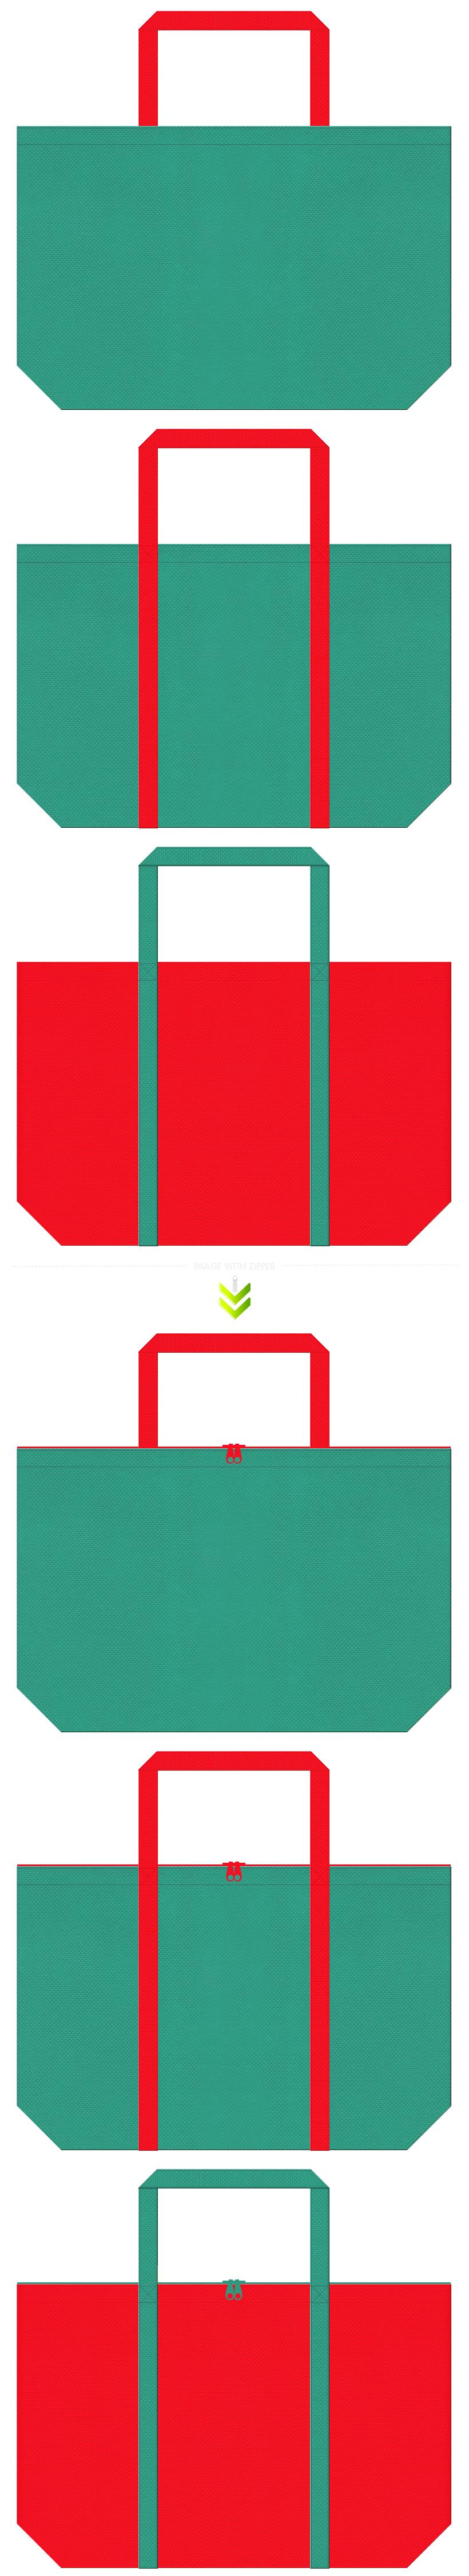 青緑色と赤色の不織布バッグデザイン